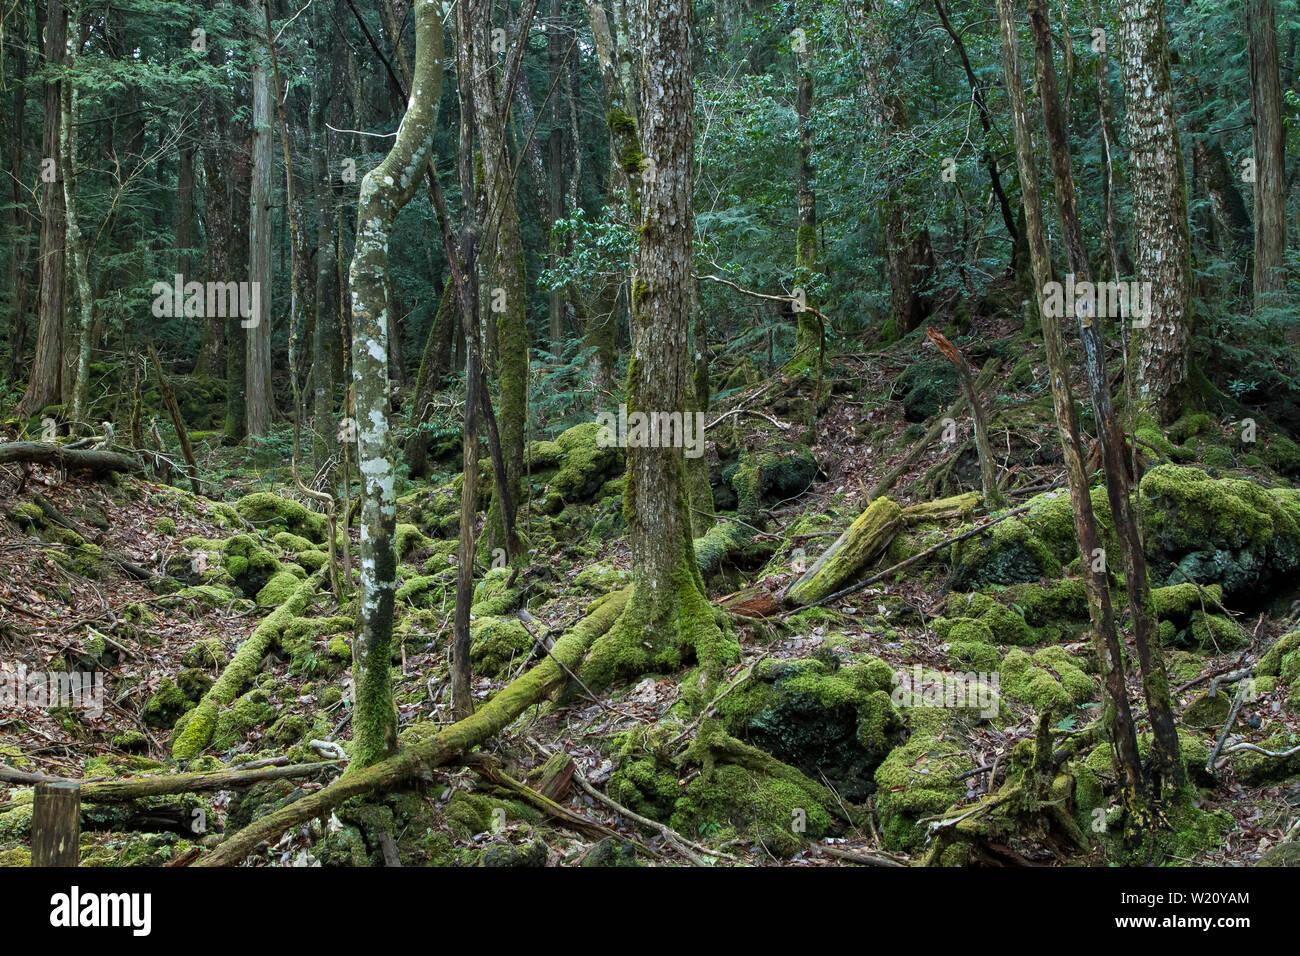 Bosque Aokigahara Conocido Como El Bosque Del Suicidio Cerca Del Monte Fuji En La Prefectura De Yamanashi Japon Lunes 21 De Marzo De 2016 Fotografia De Stock Alamy